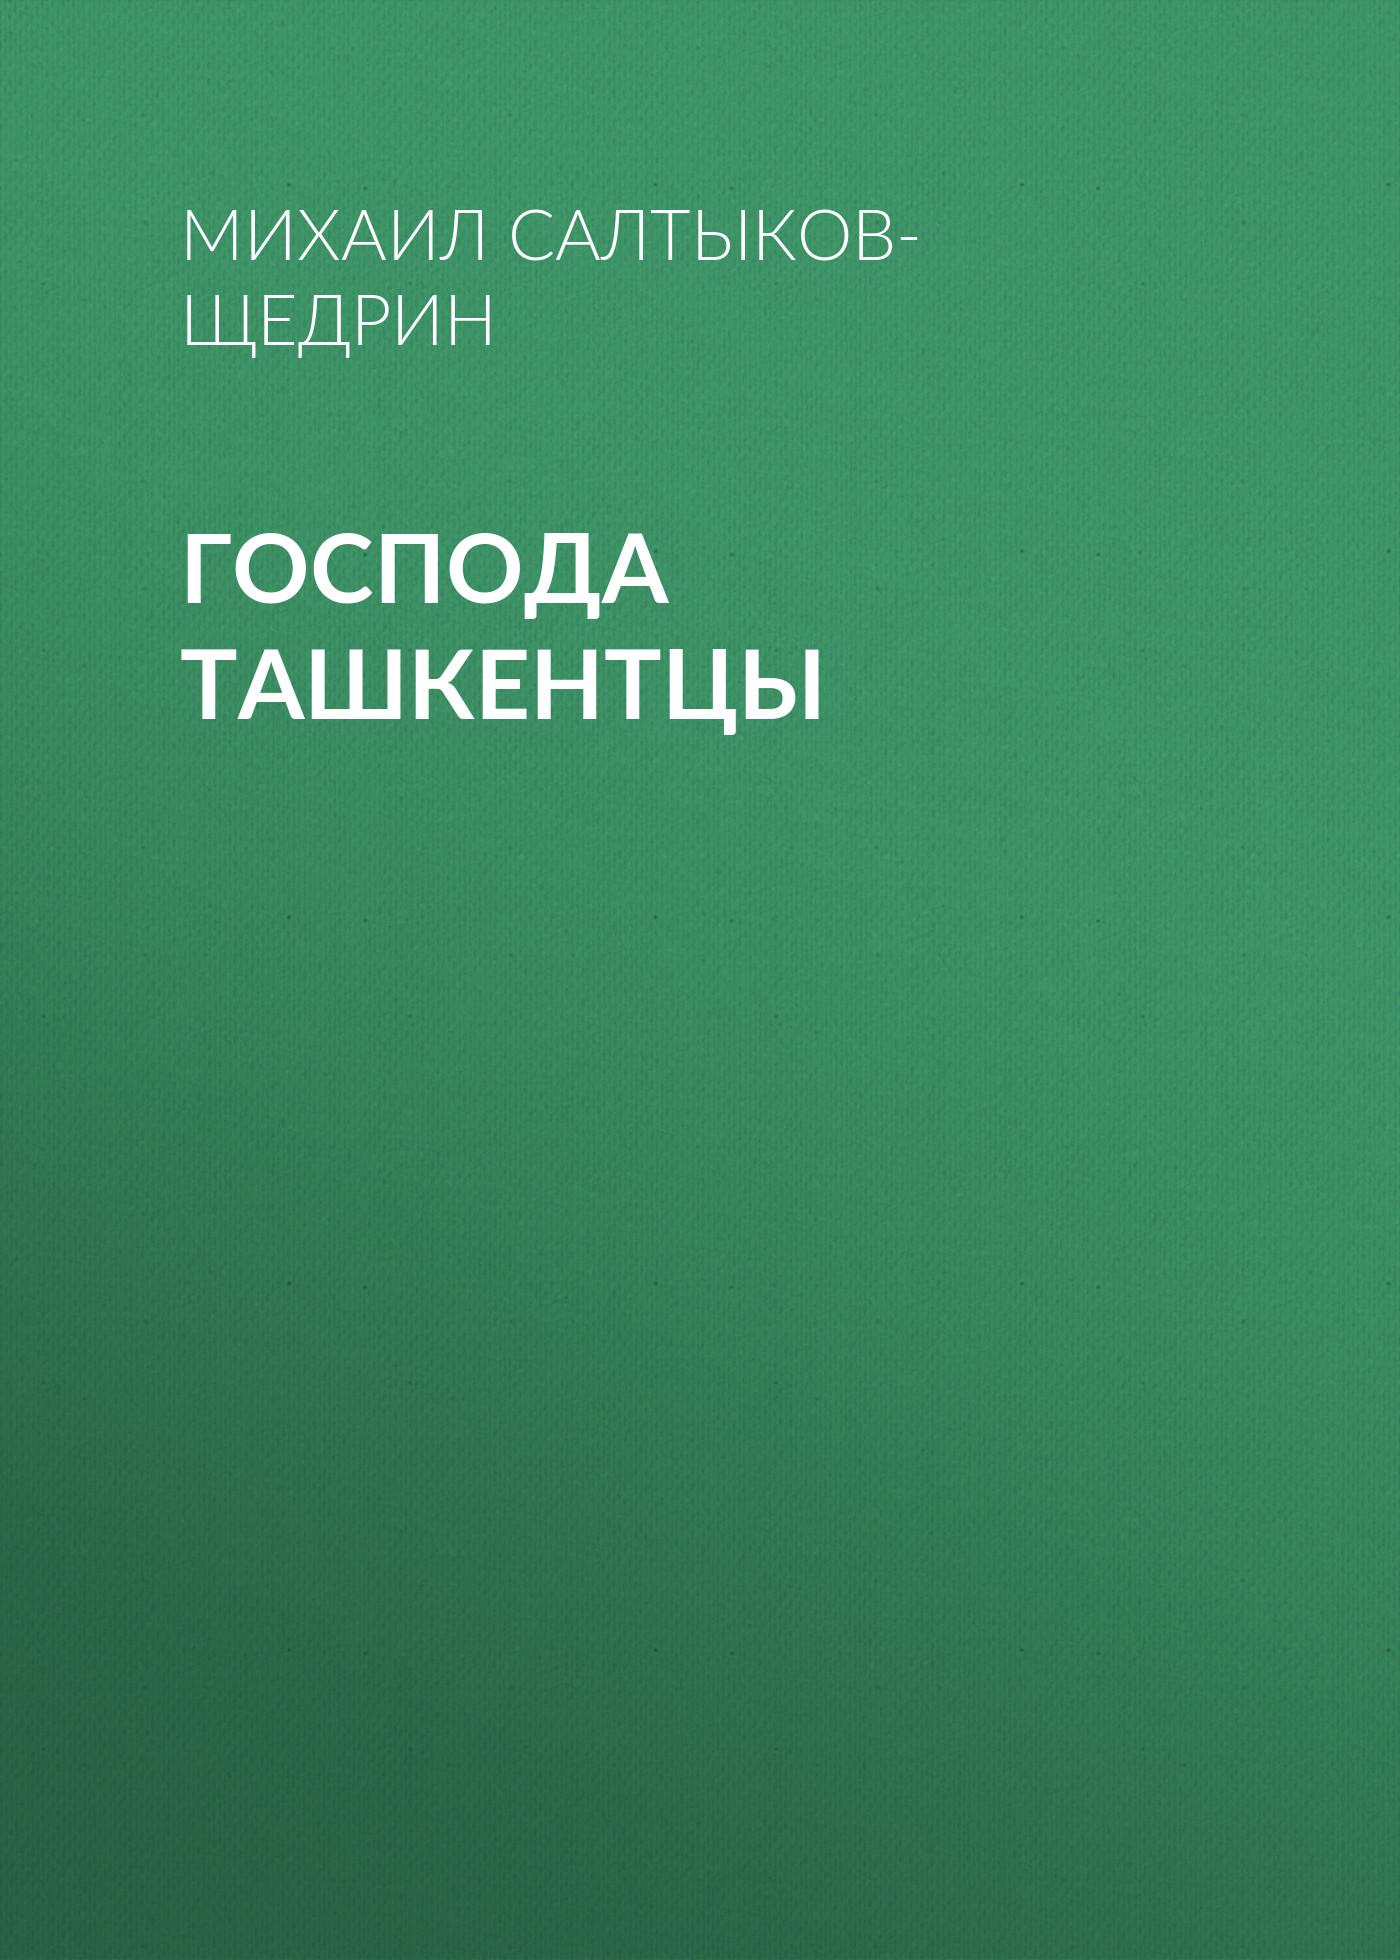 Господа ташкентцы